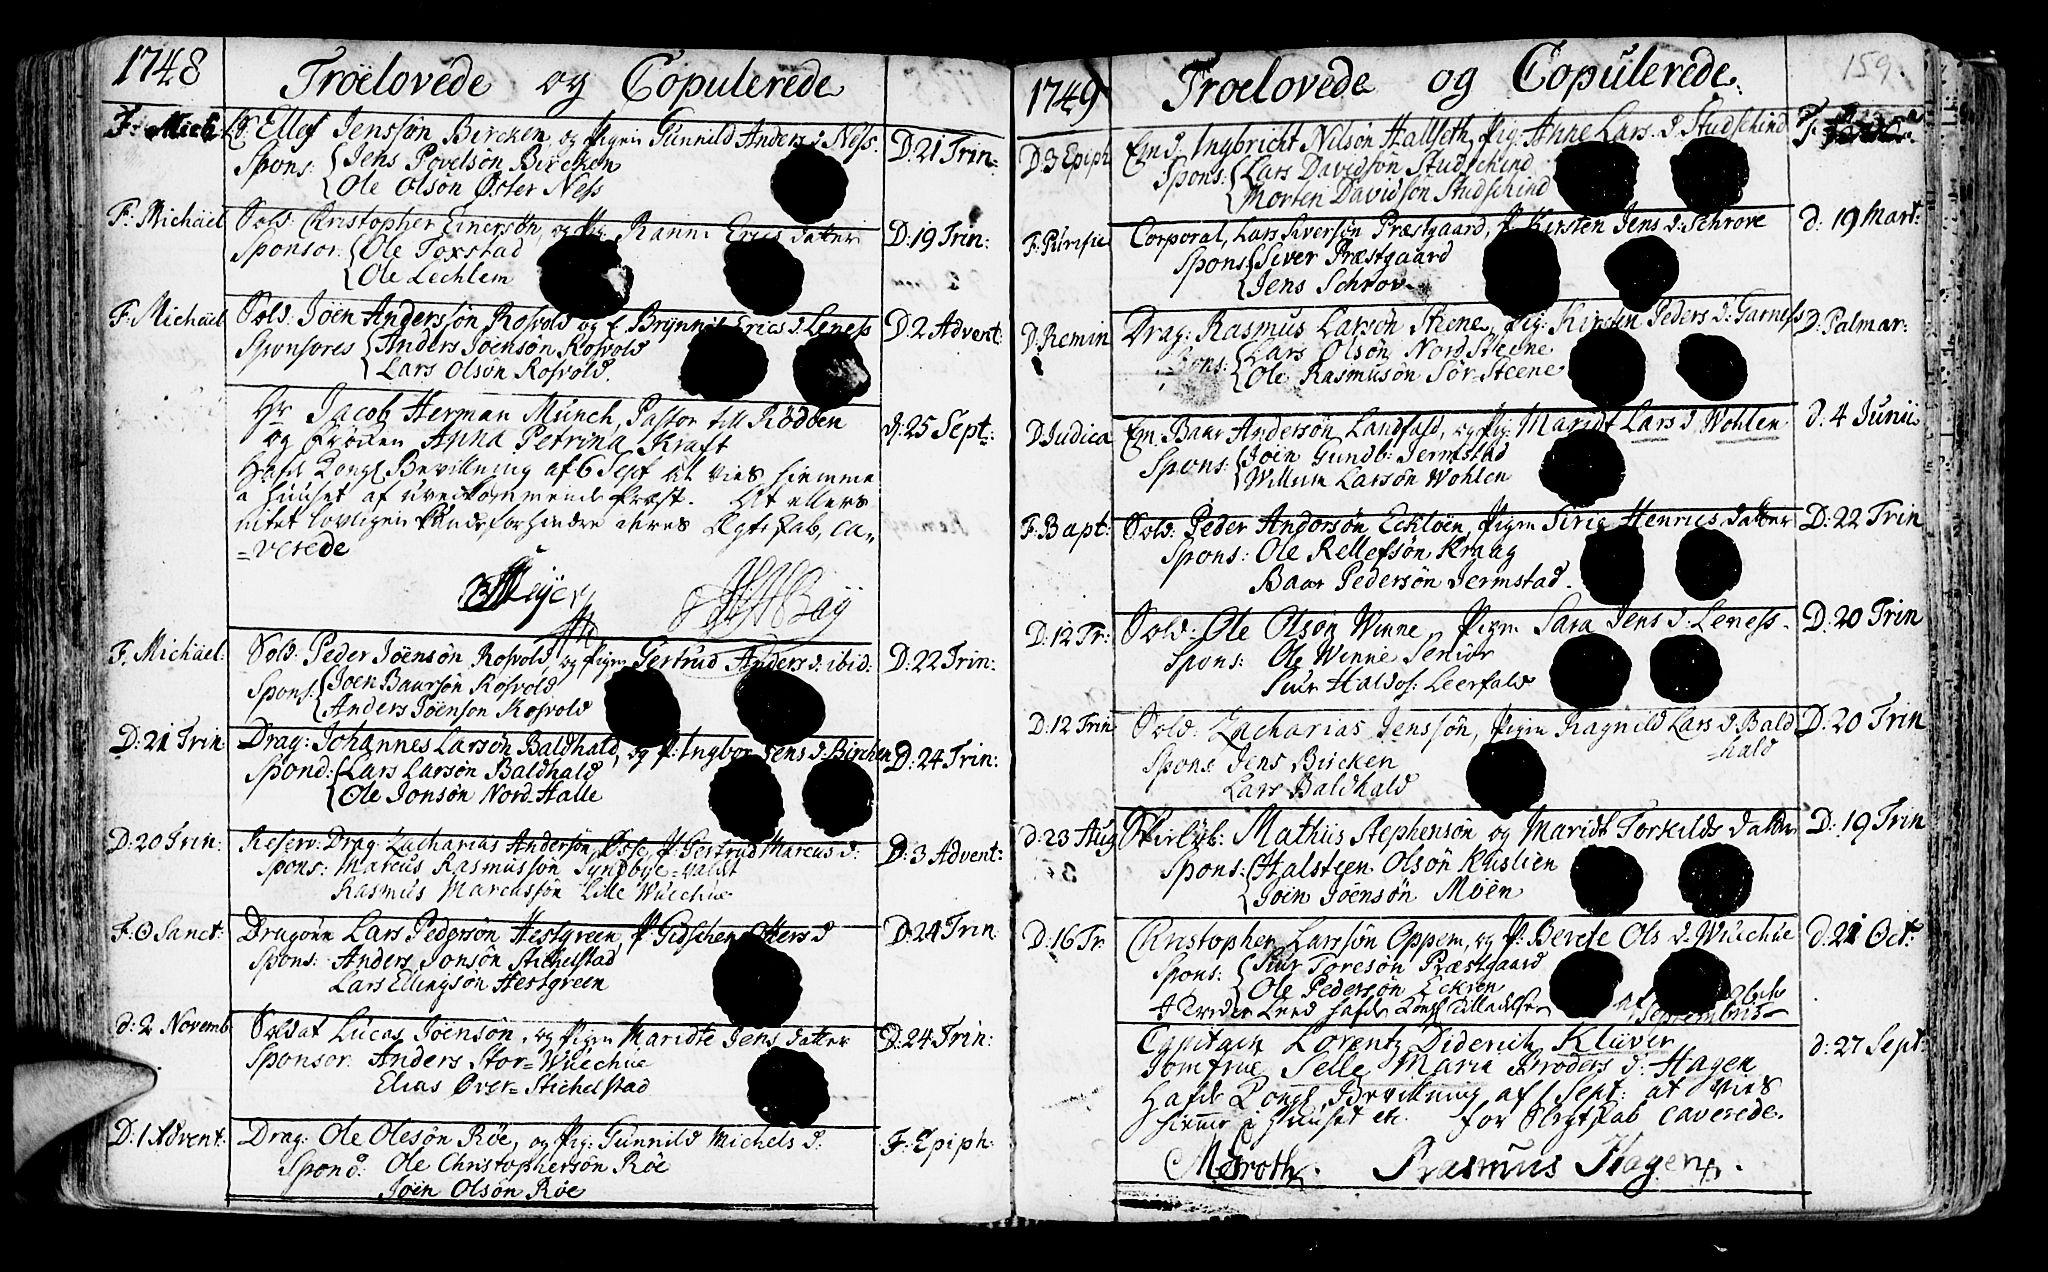 SAT, Ministerialprotokoller, klokkerbøker og fødselsregistre - Nord-Trøndelag, 723/L0231: Ministerialbok nr. 723A02, 1748-1780, s. 159